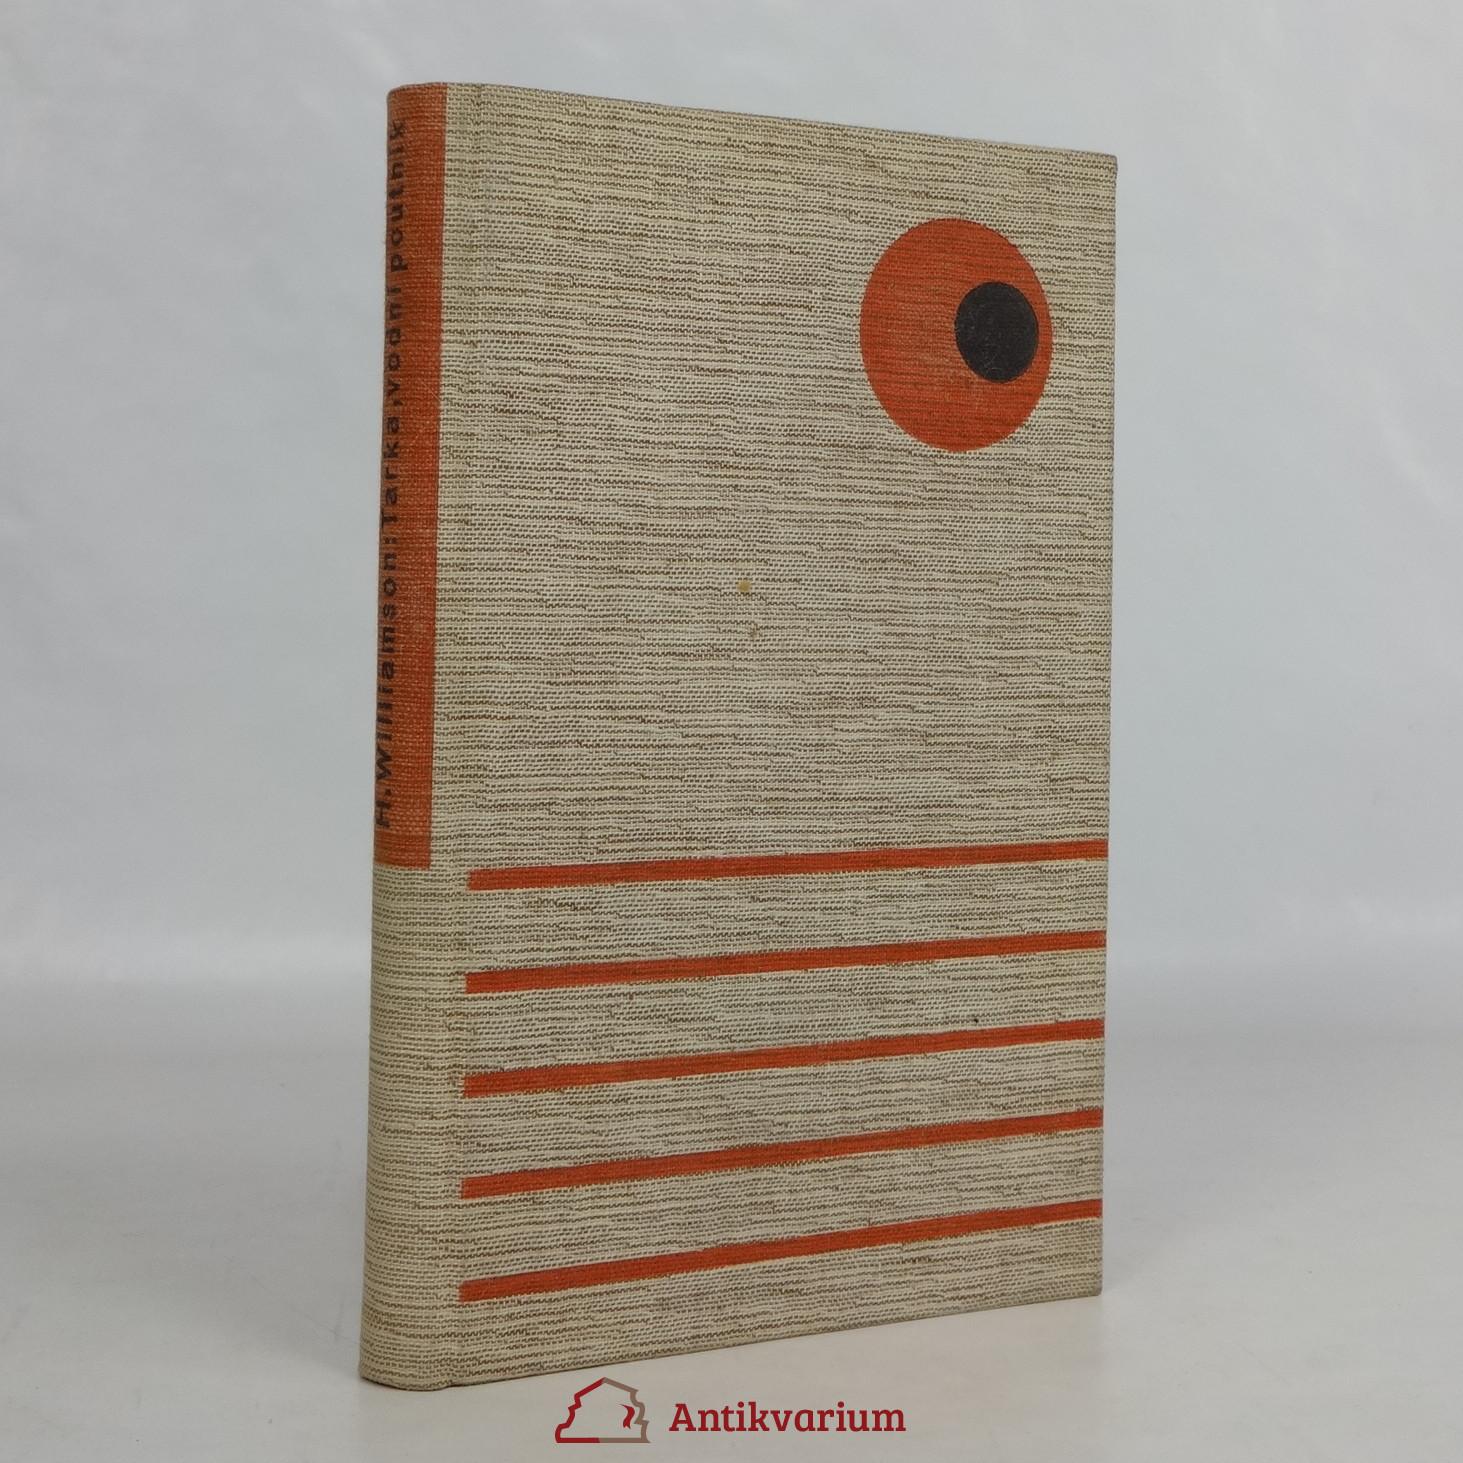 antikvární kniha Tarka, vodní poutník: jeho radostný život a smrt v Zemi dvou řek, 1938